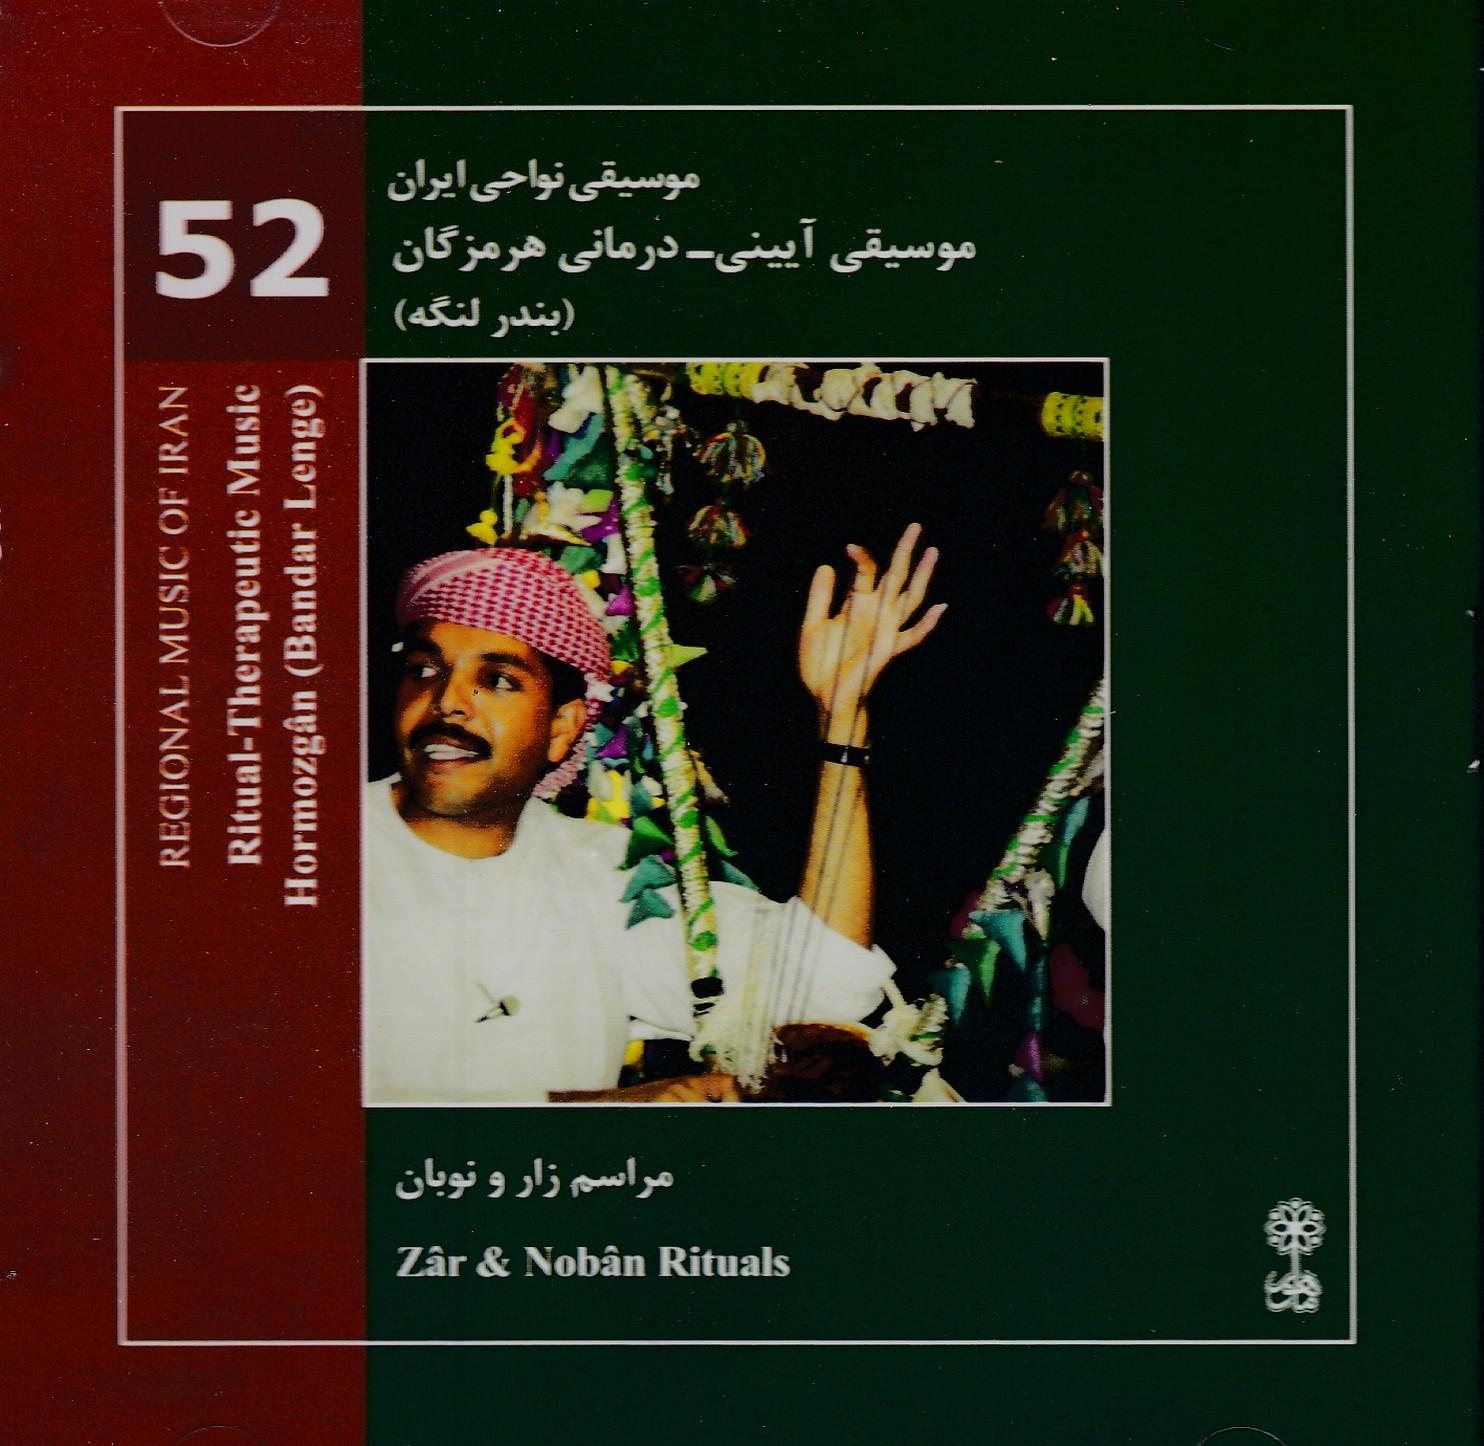 موسیقی آیینی- درمانی هرمزگان/بندر لنگه: موسیقی نواحی ایران (52)